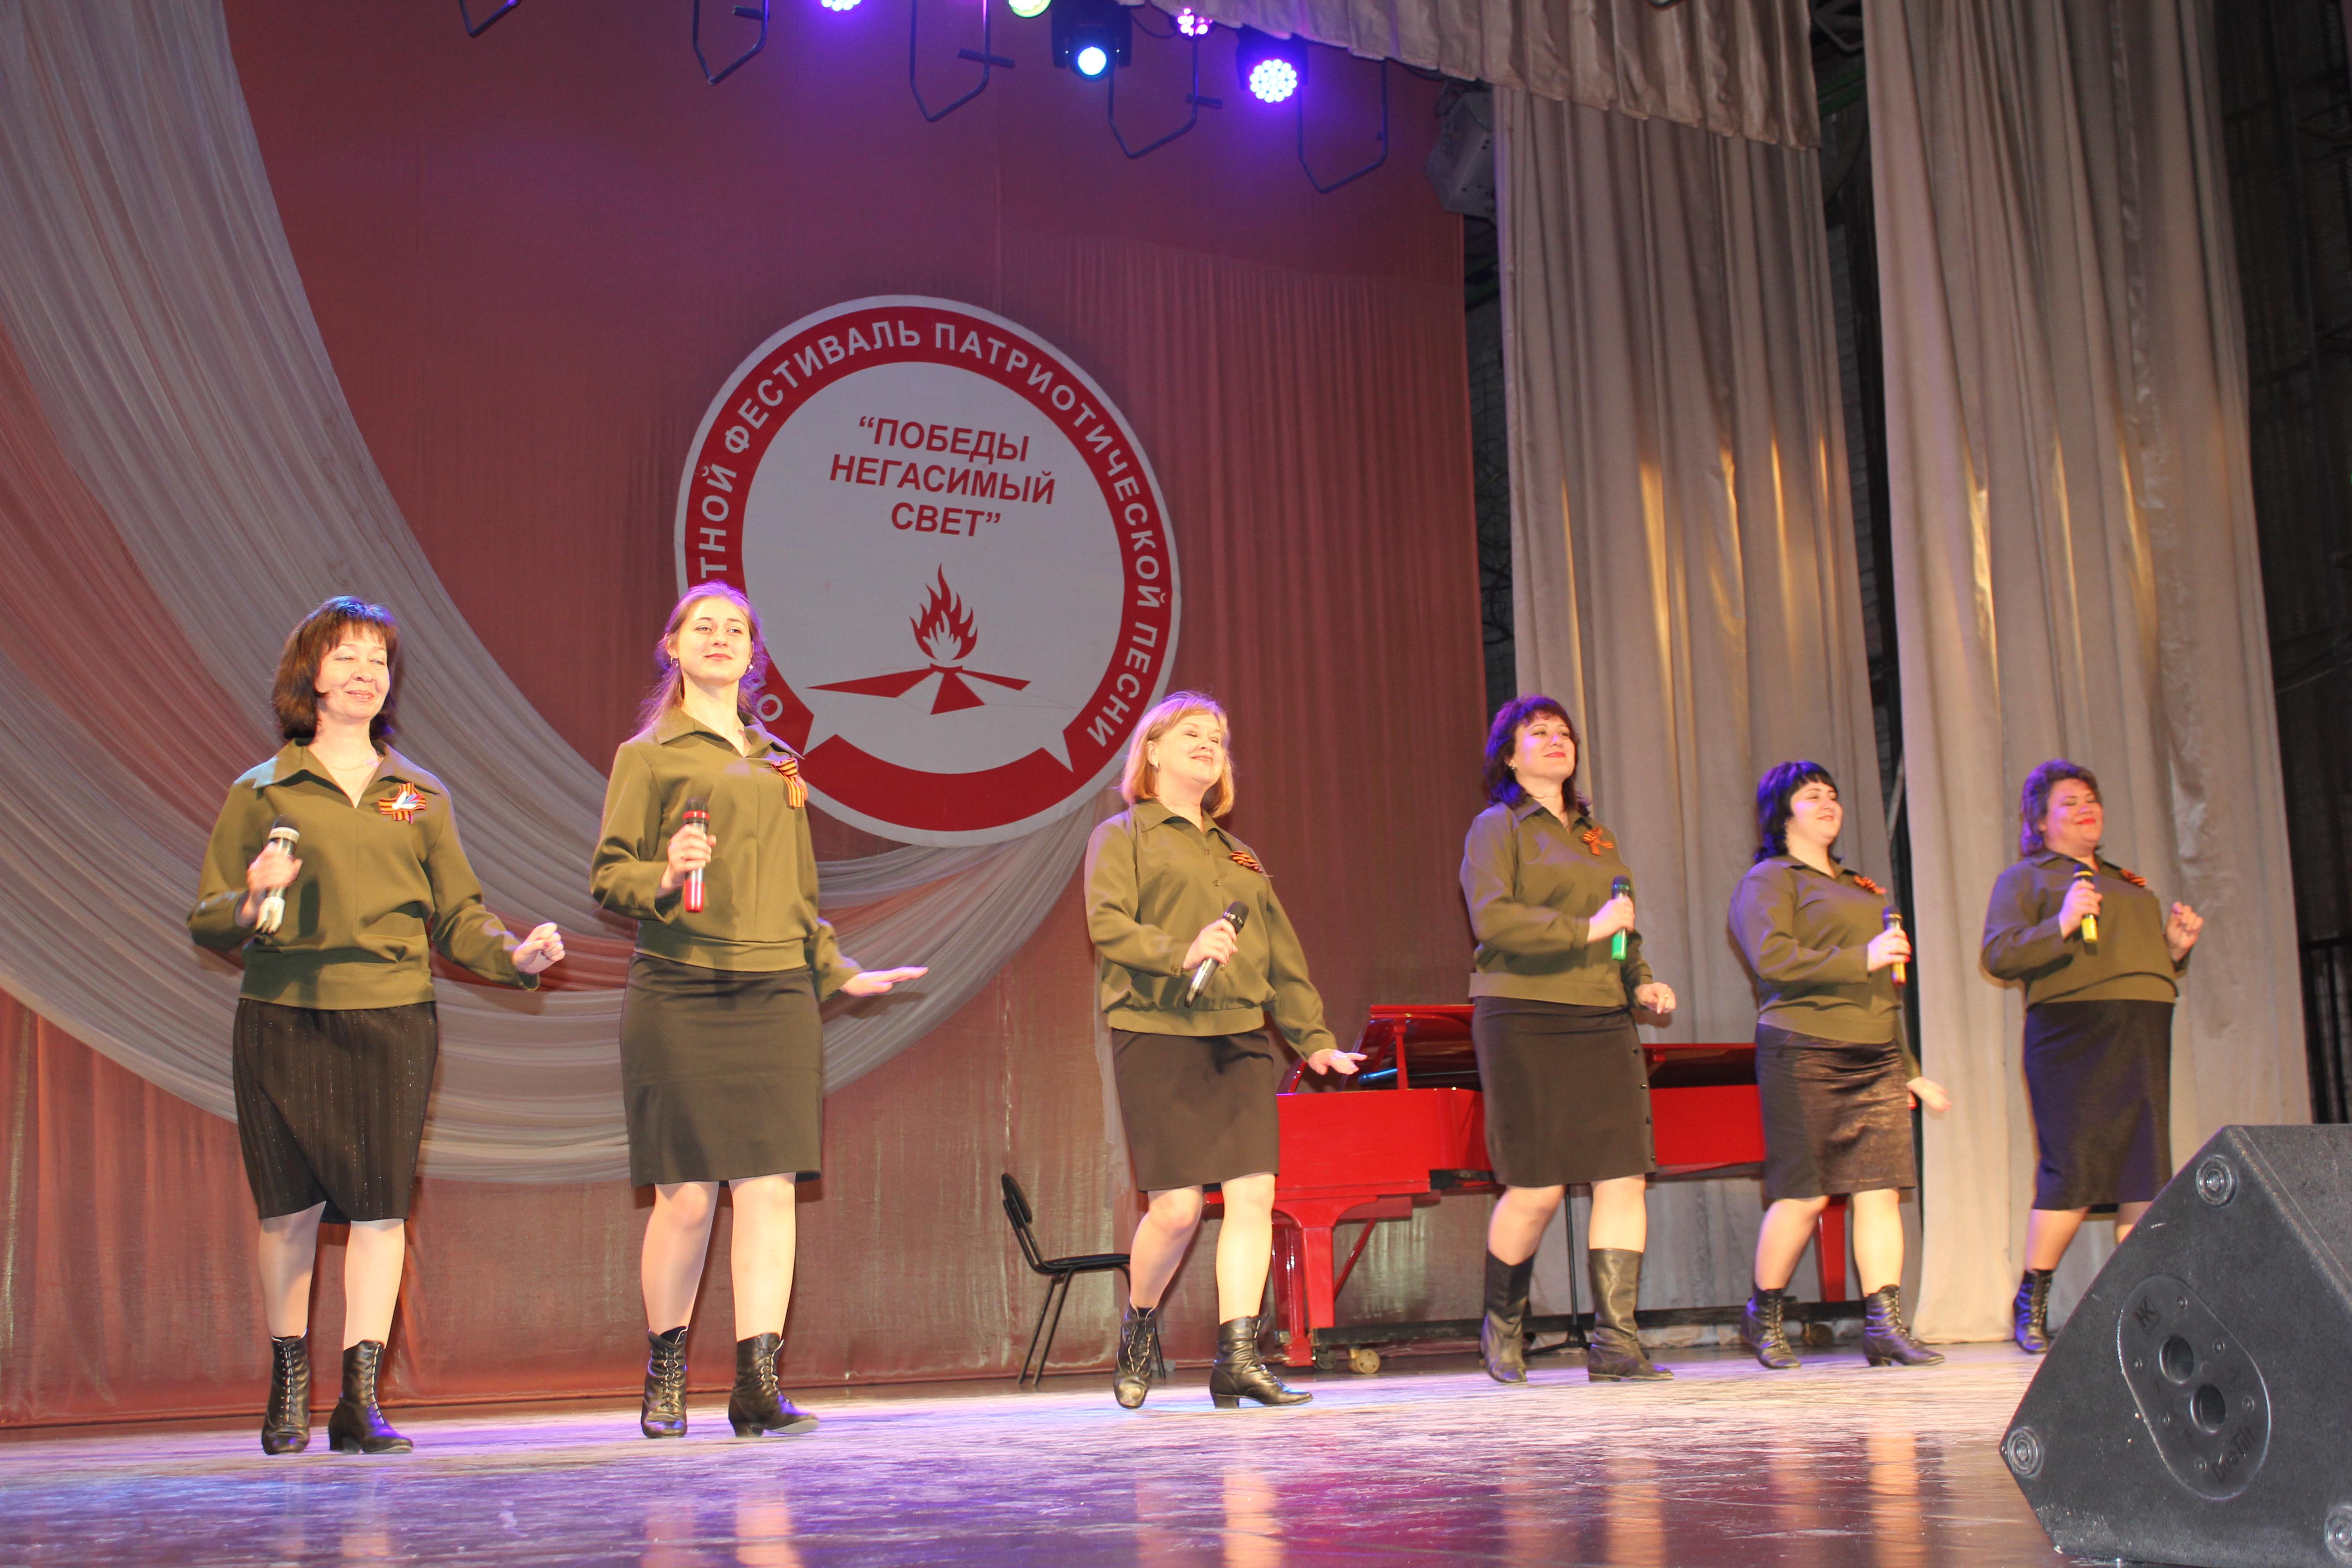 Итоги областного фестиваля патриотической песни «Победы негасимый свет»